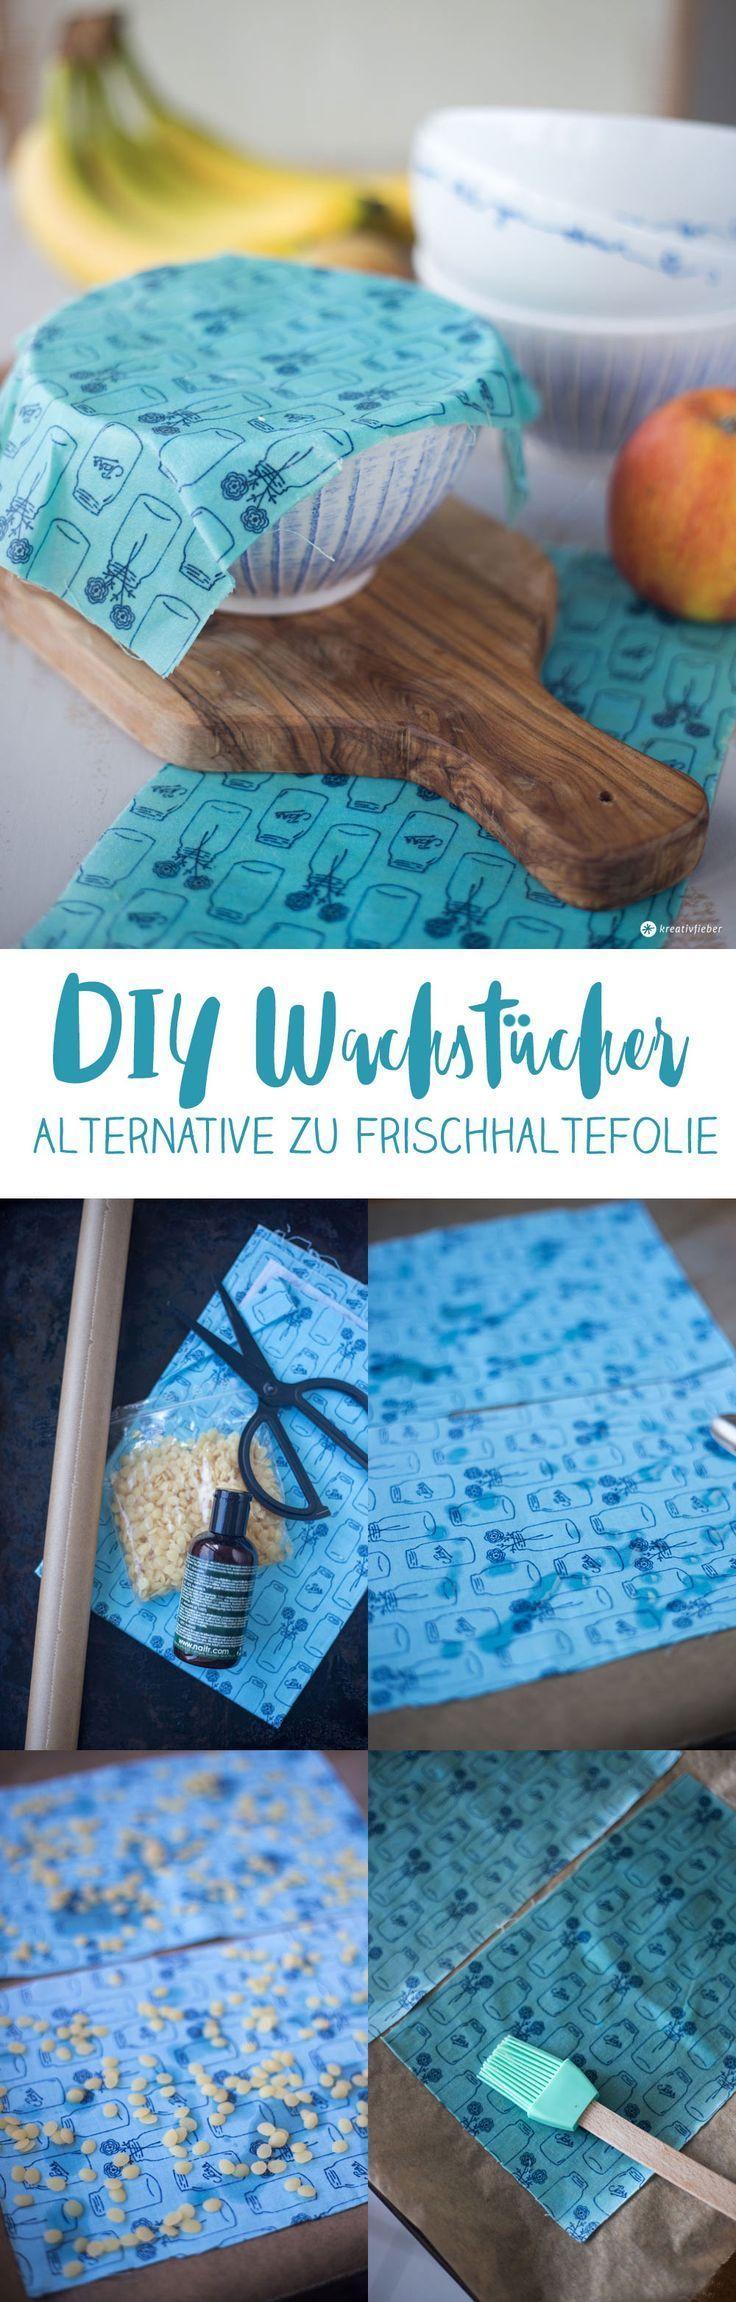 DIY Wachstücher selbermachen - wiederverwendbar Frischhaltefolienersatz